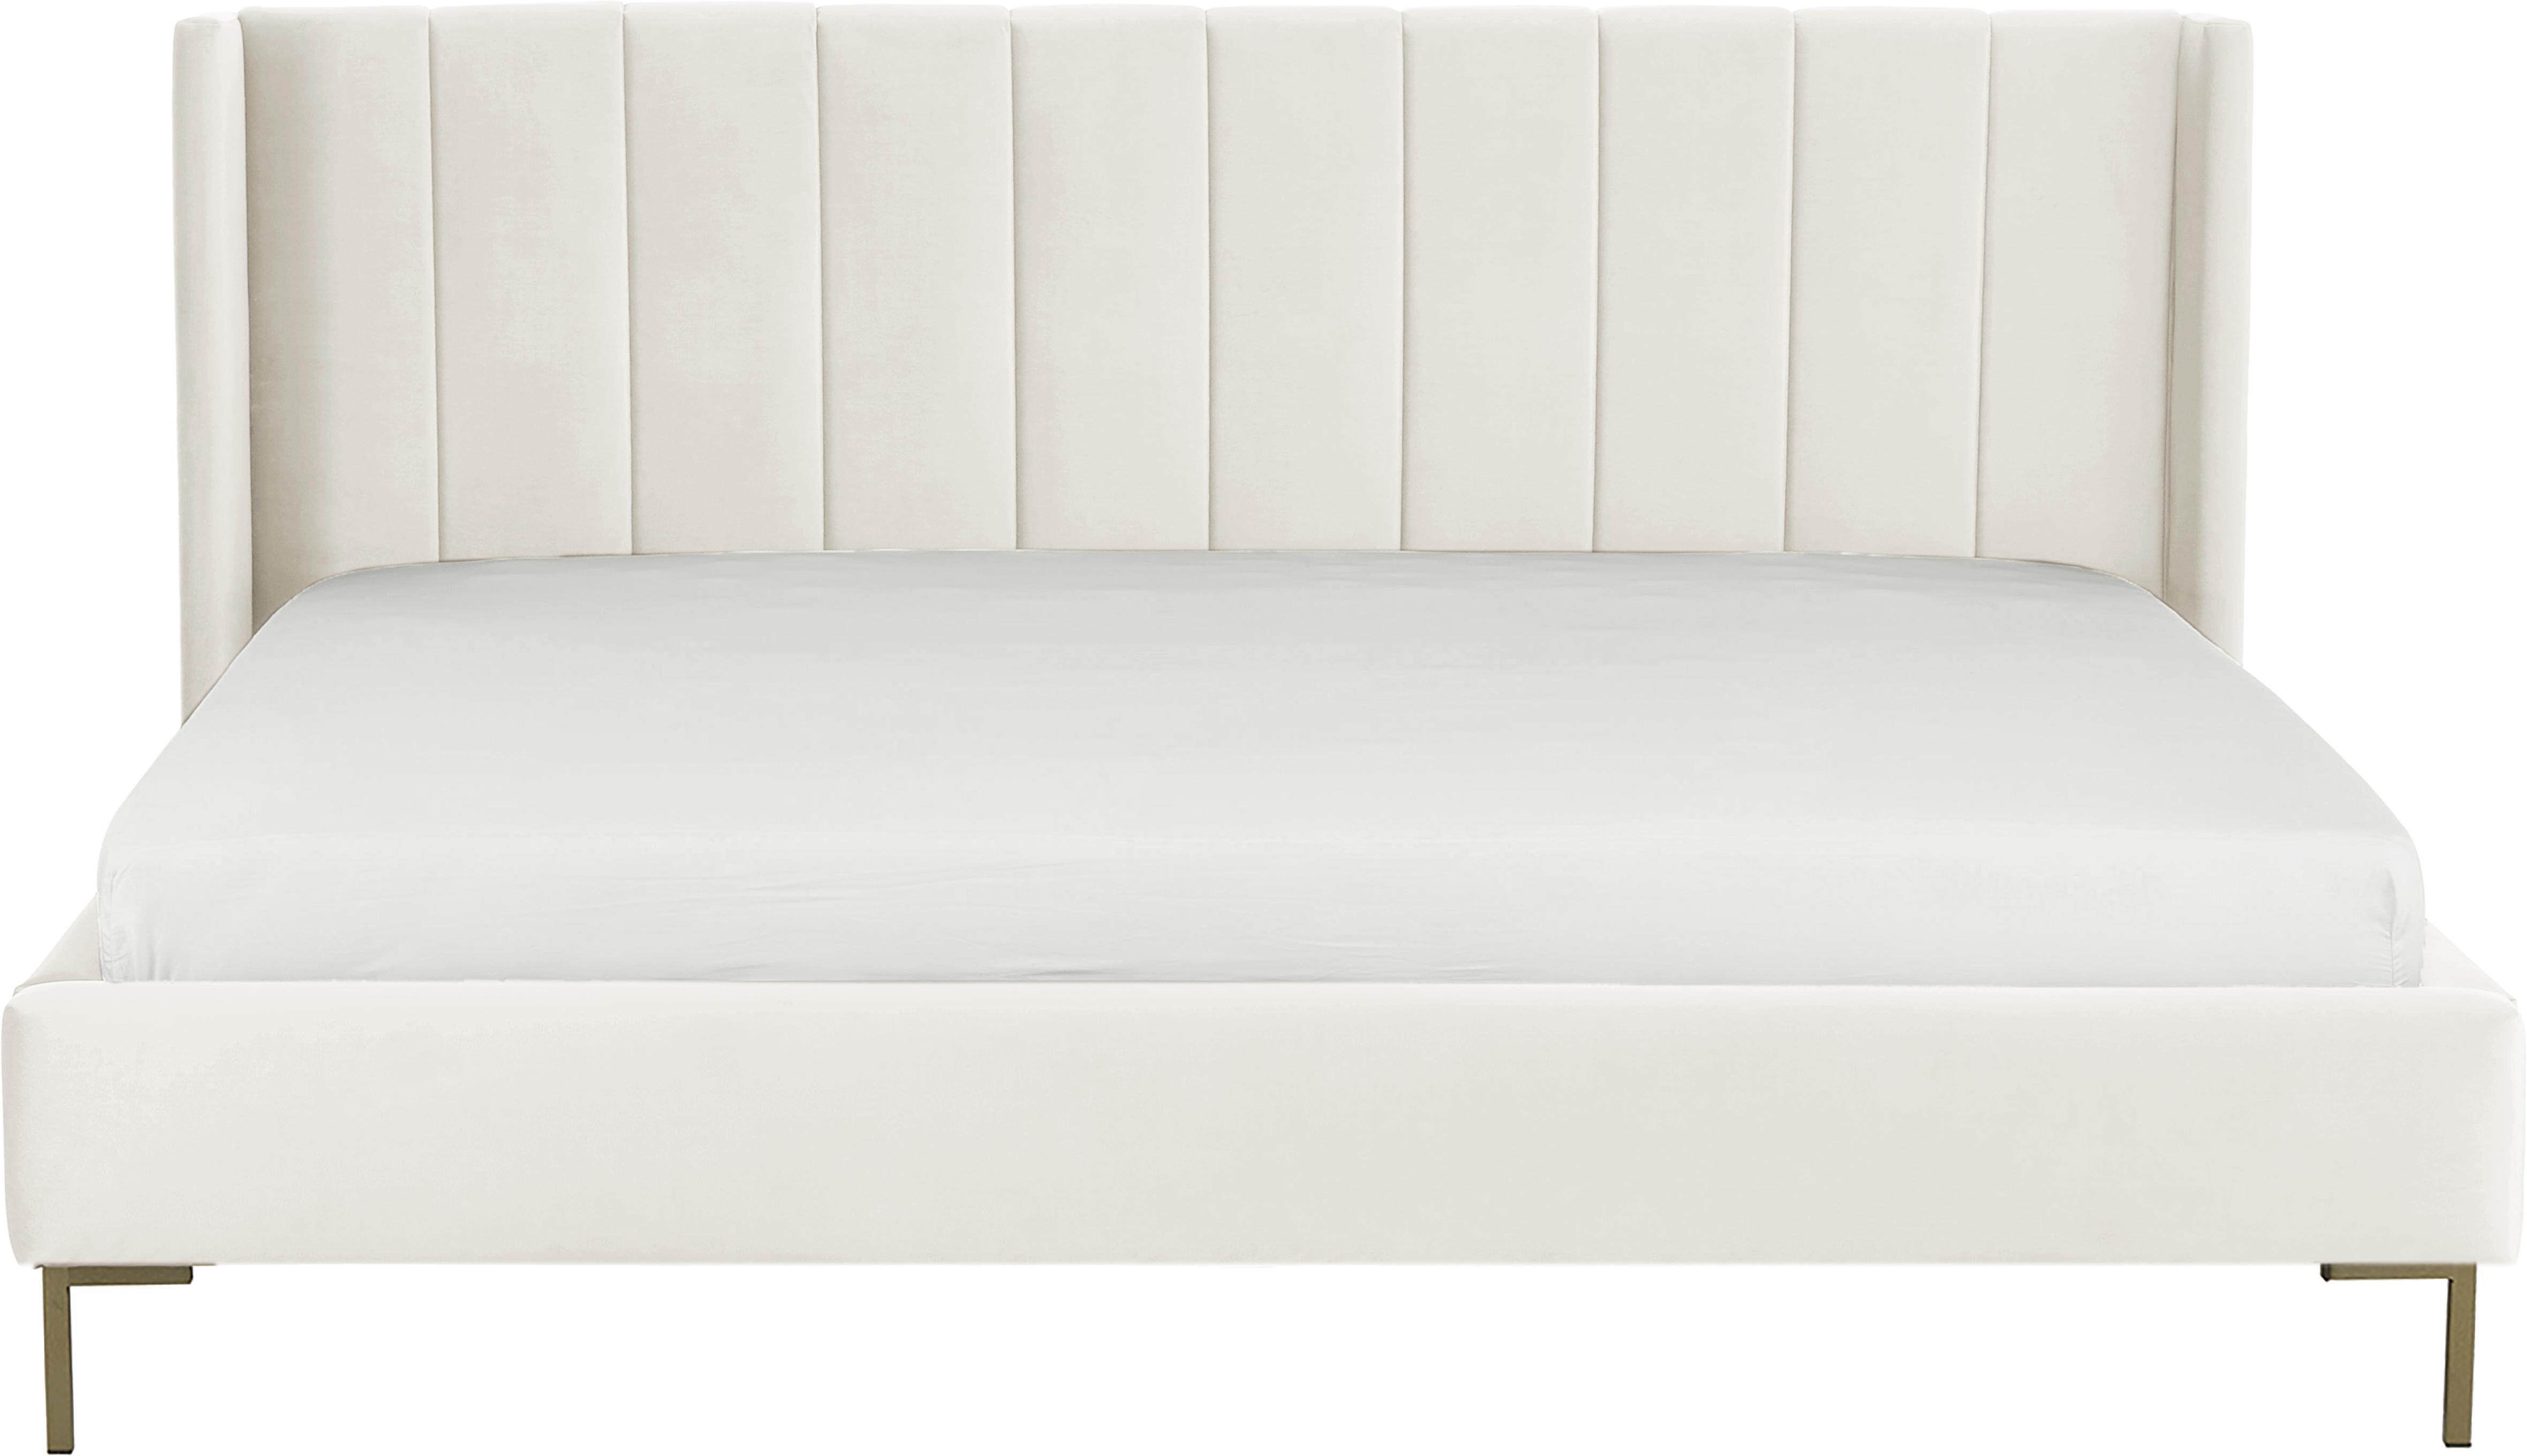 Łóżko tapicerowane z aksamitu Dusk, Korpus: lite drewno sosnowe, Nogi: metal malowany proszkowo, Tapicerka: aksamit poliestrowy 3500, Beżowy, 180 x 200 cm